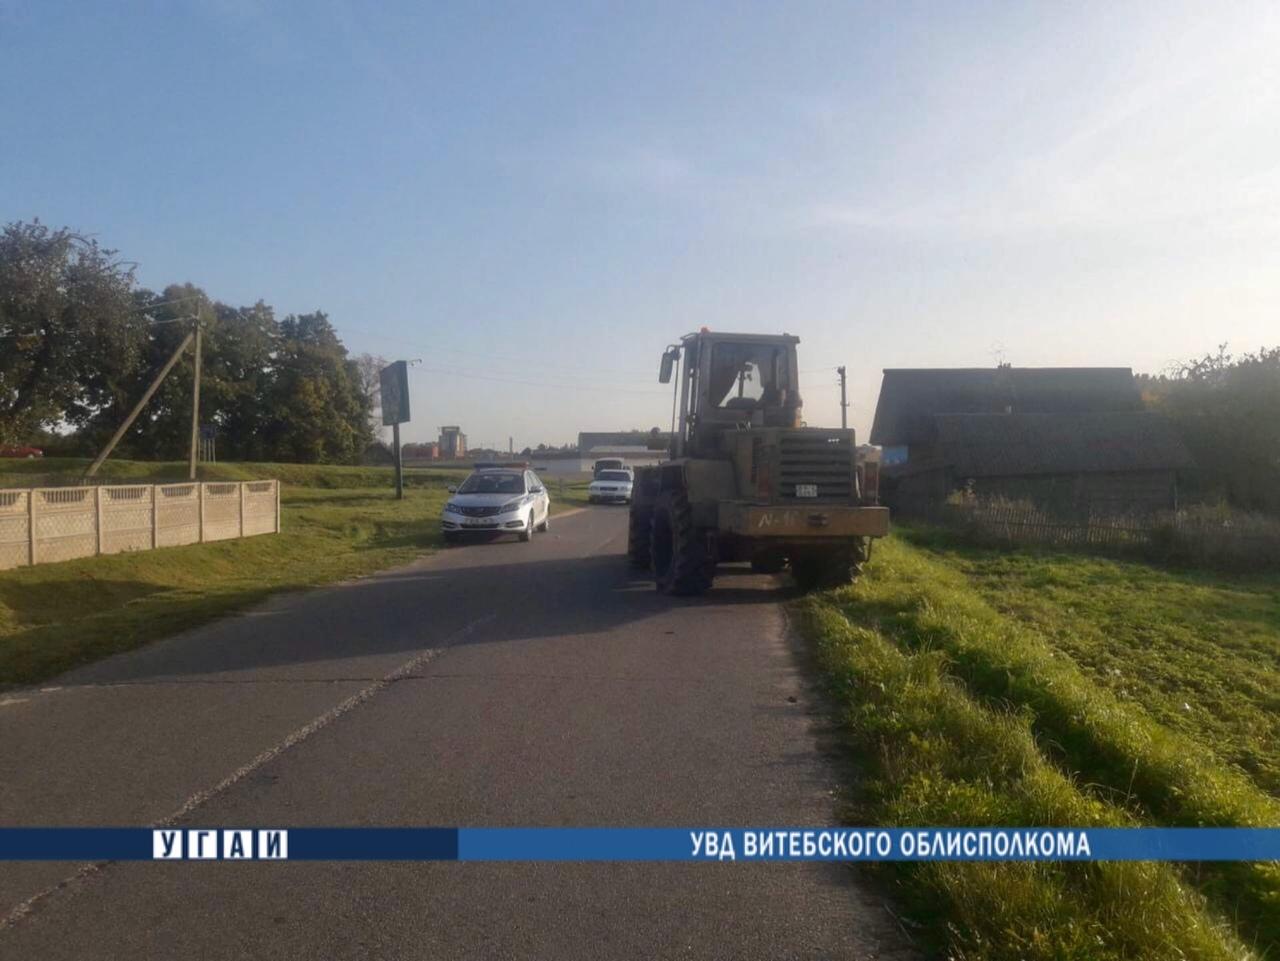 ДТП с летальным исходом произошло в Толочинском районе